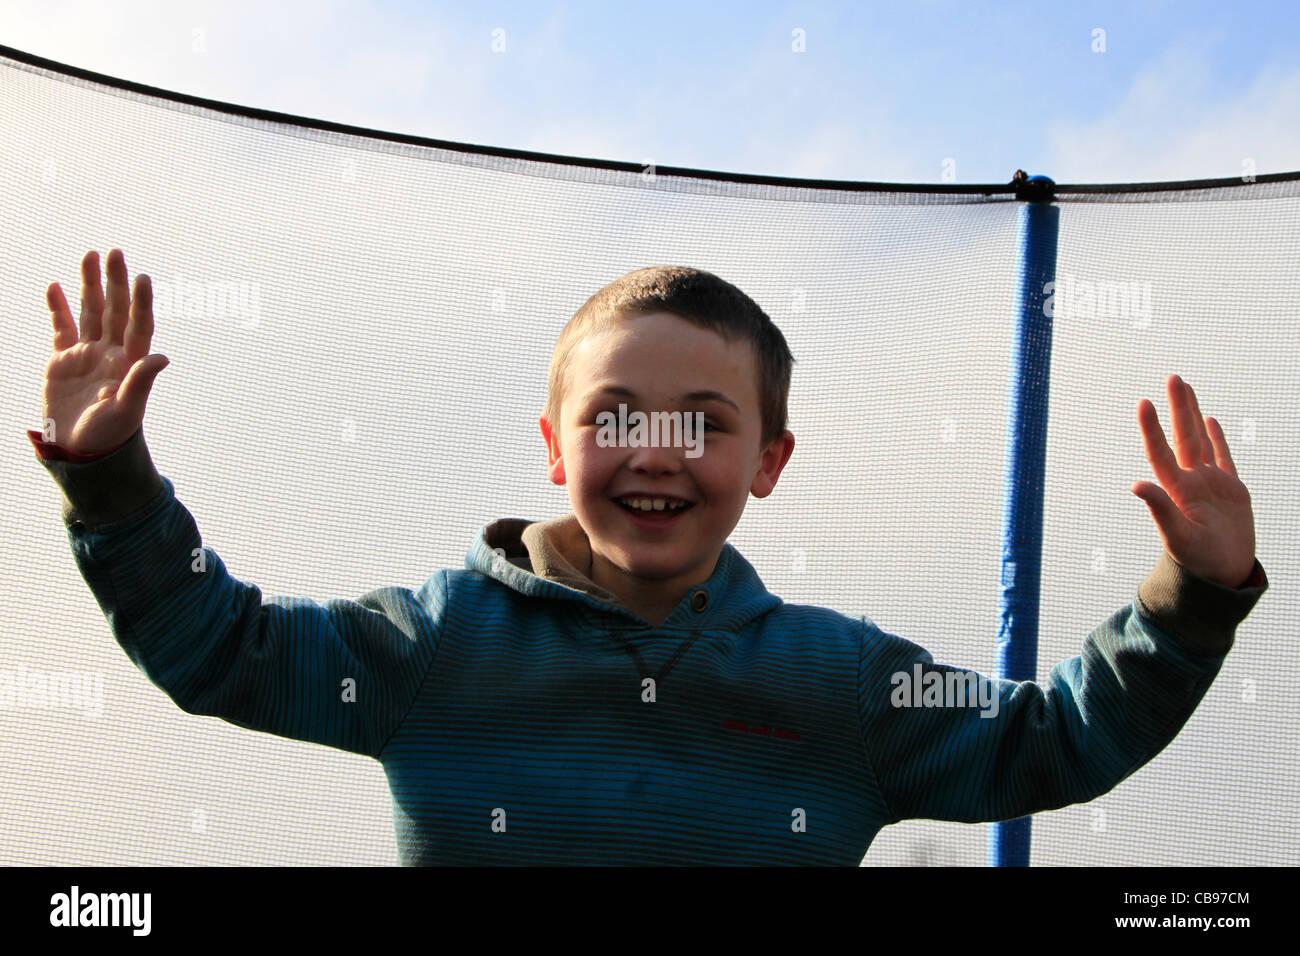 Ragazzo sul trampolino Immagini Stock